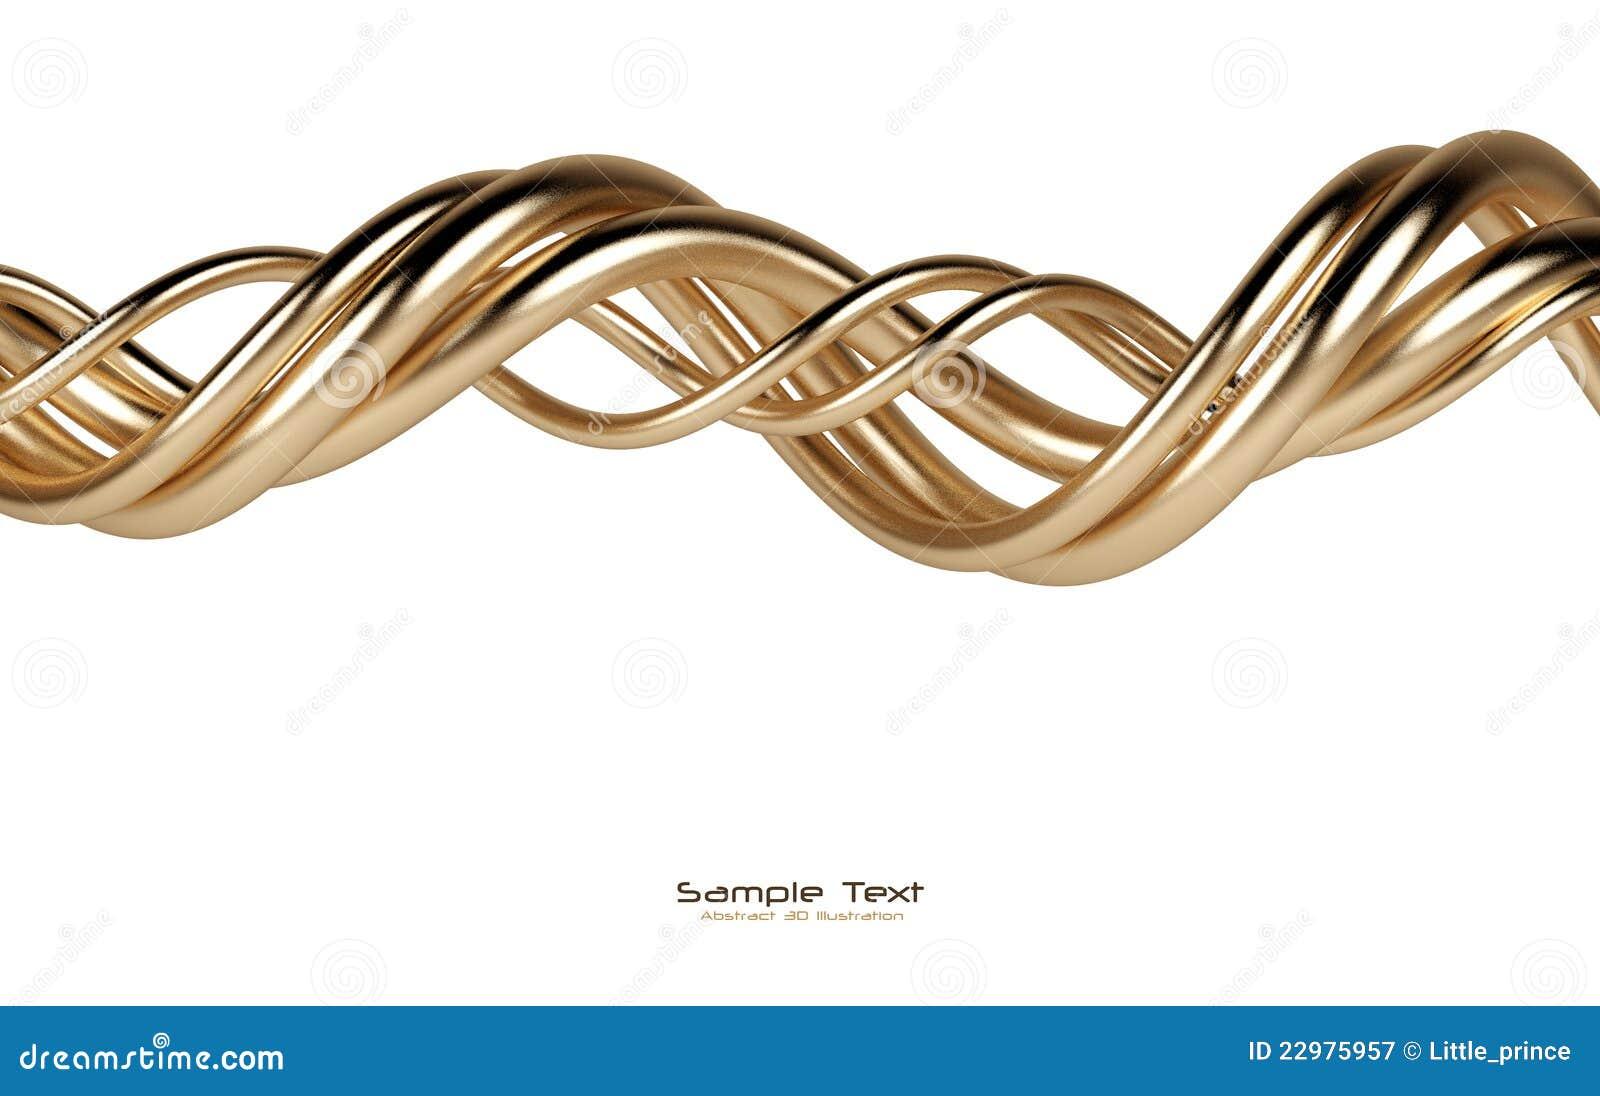 абстрактным линии предпосылки изолированные золотом